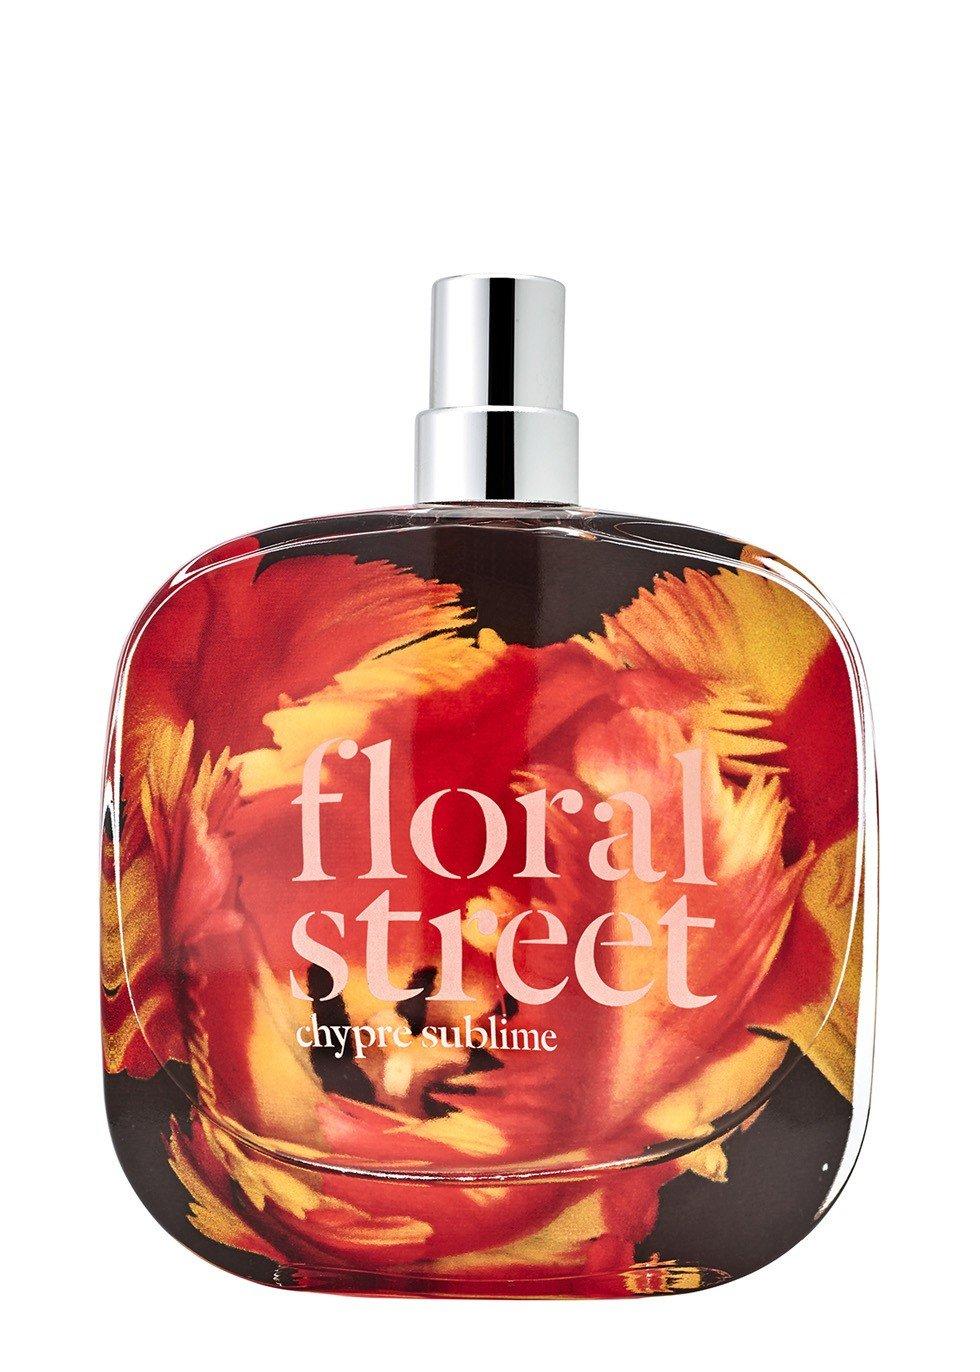 Chypre Sublime Floral Street Parfum Un Nouveau Parfum Pour Homme